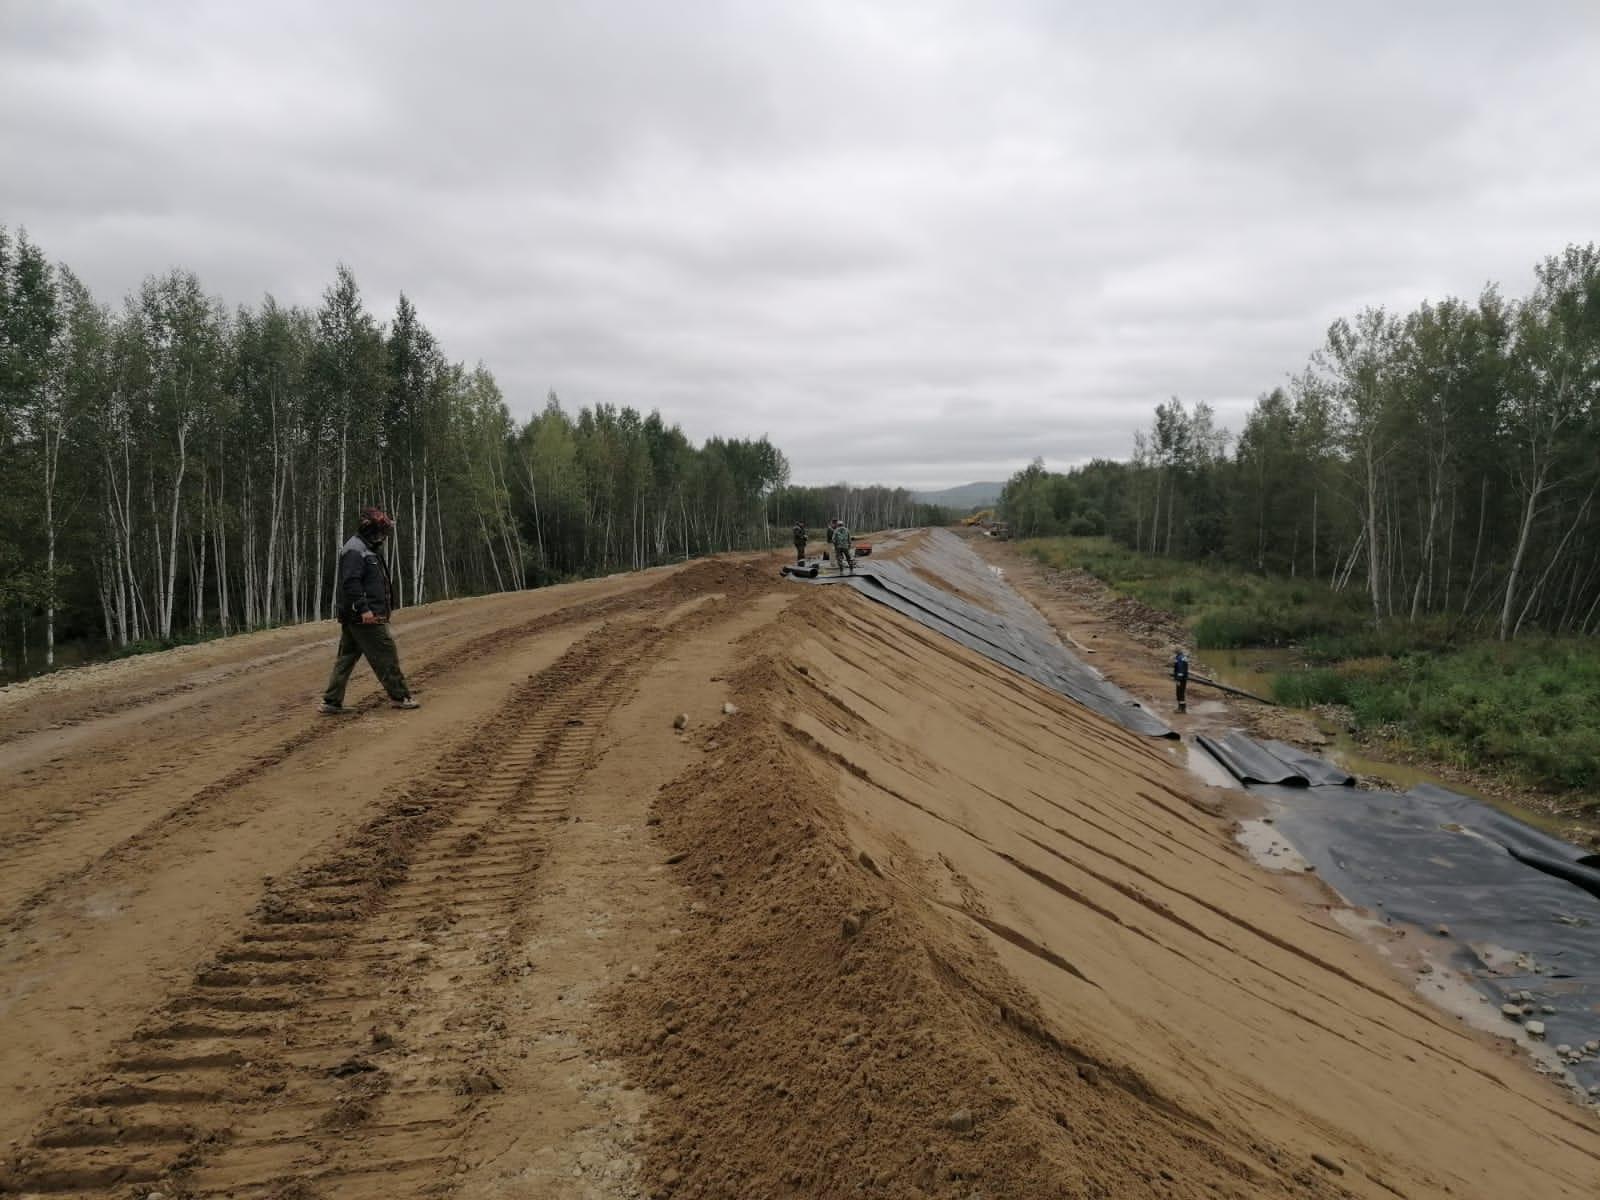 ООО «Энергокомплект» продолжает поставки материалов для строительства дамбы в Комсомольске-на-Амуре.